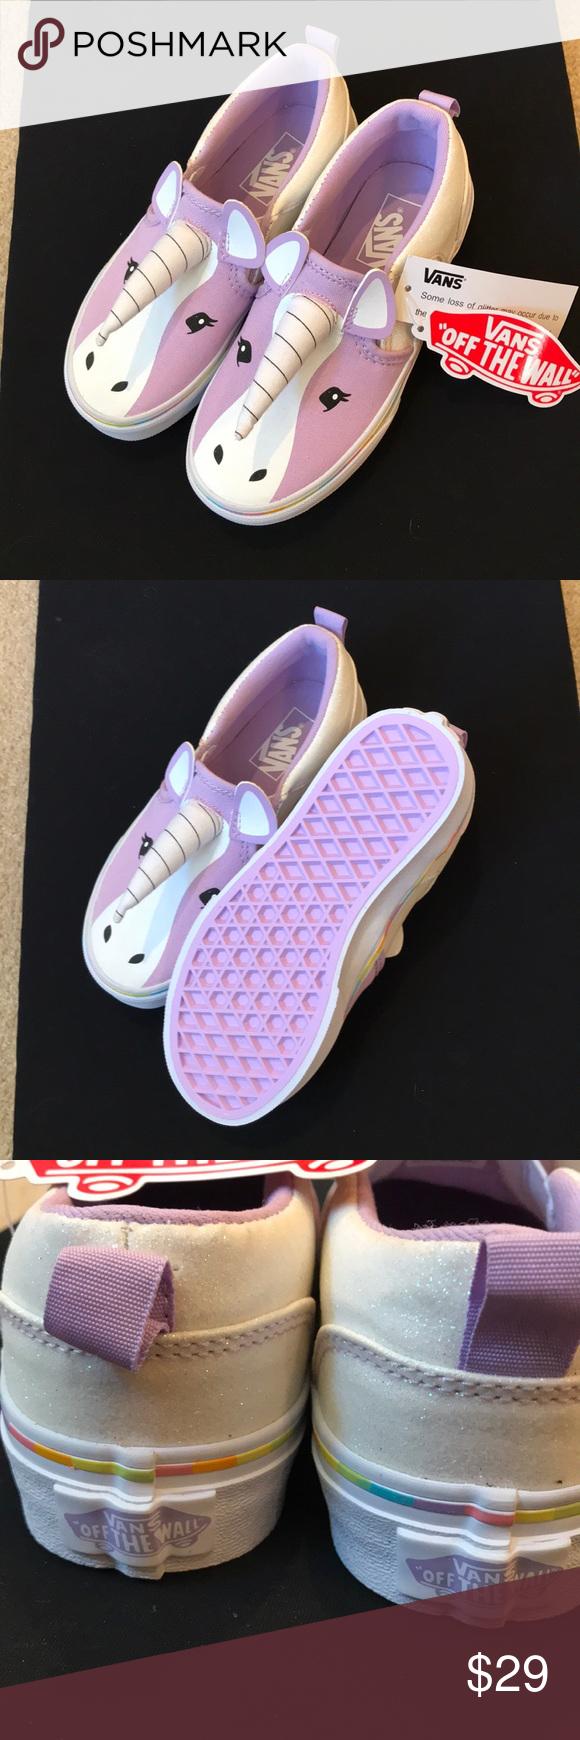 ba34a8e57c NWT Vans Asher Unicorn Shoes Never been worn kids 12 1 2 unicorn vans Vans  Shoes